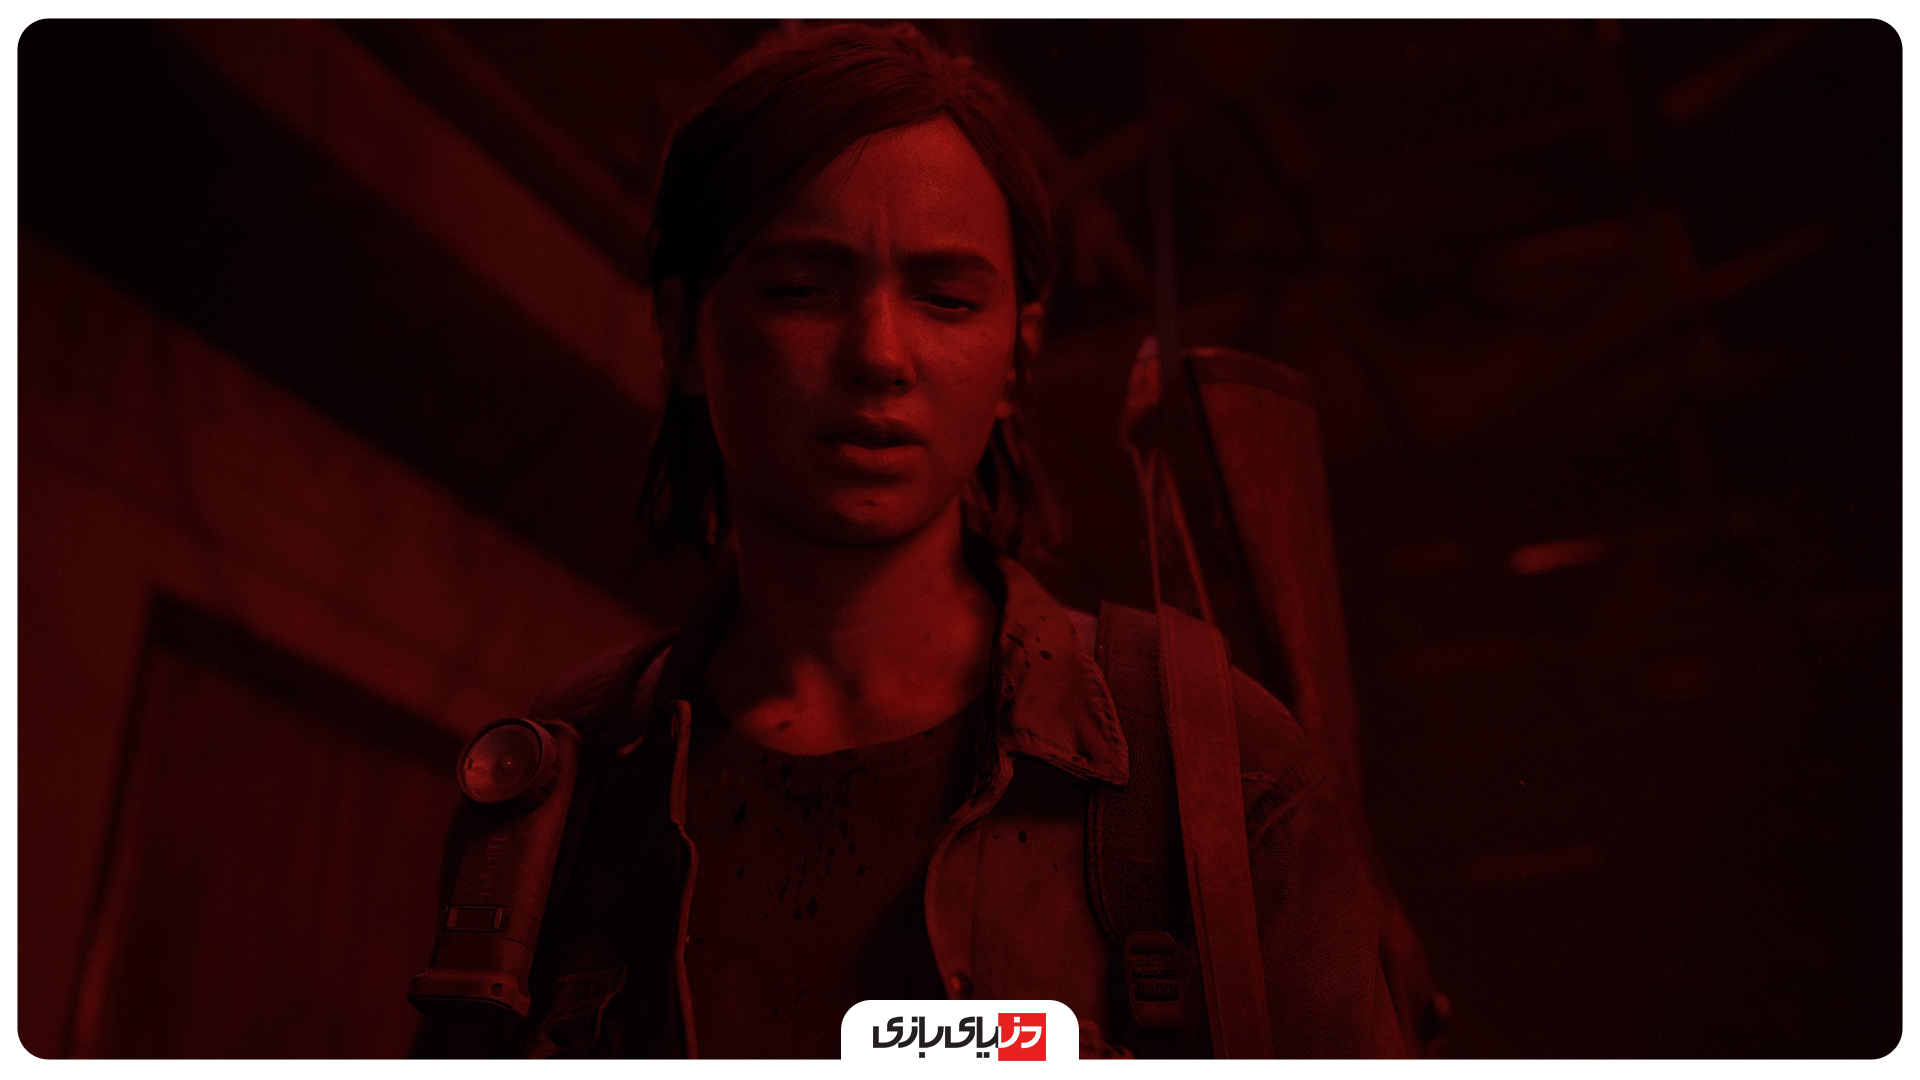 گیم پلی بازی The Last of Us Part 2